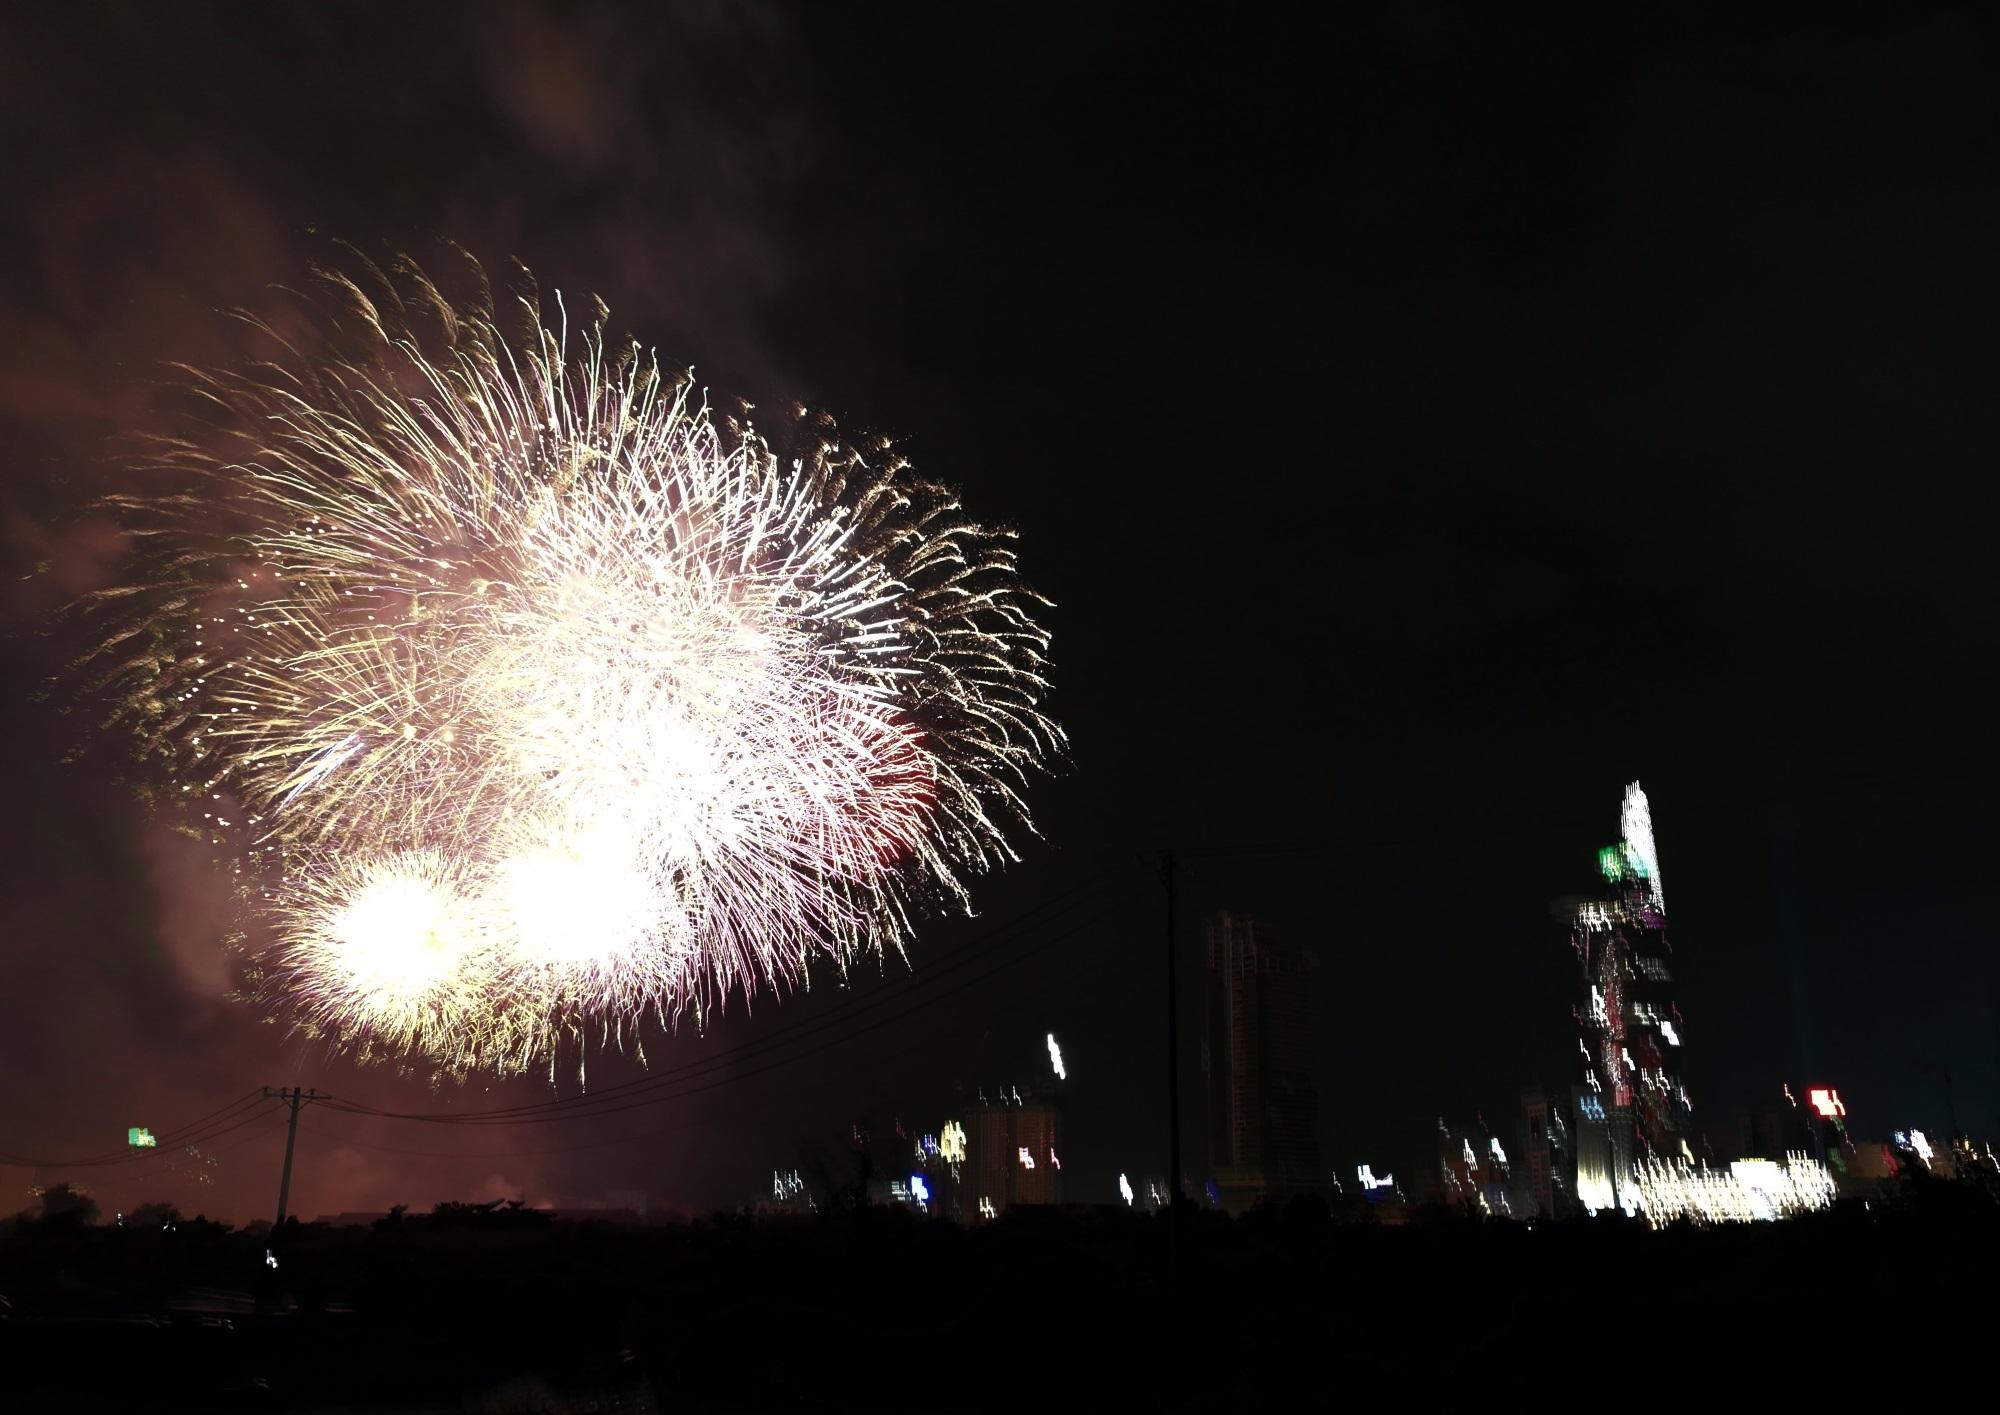 Hàng triệu người dân Sài Gòn xuống phố đón màn pháo hoa rực rỡ mừng năm mới 2019 - Ảnh 5